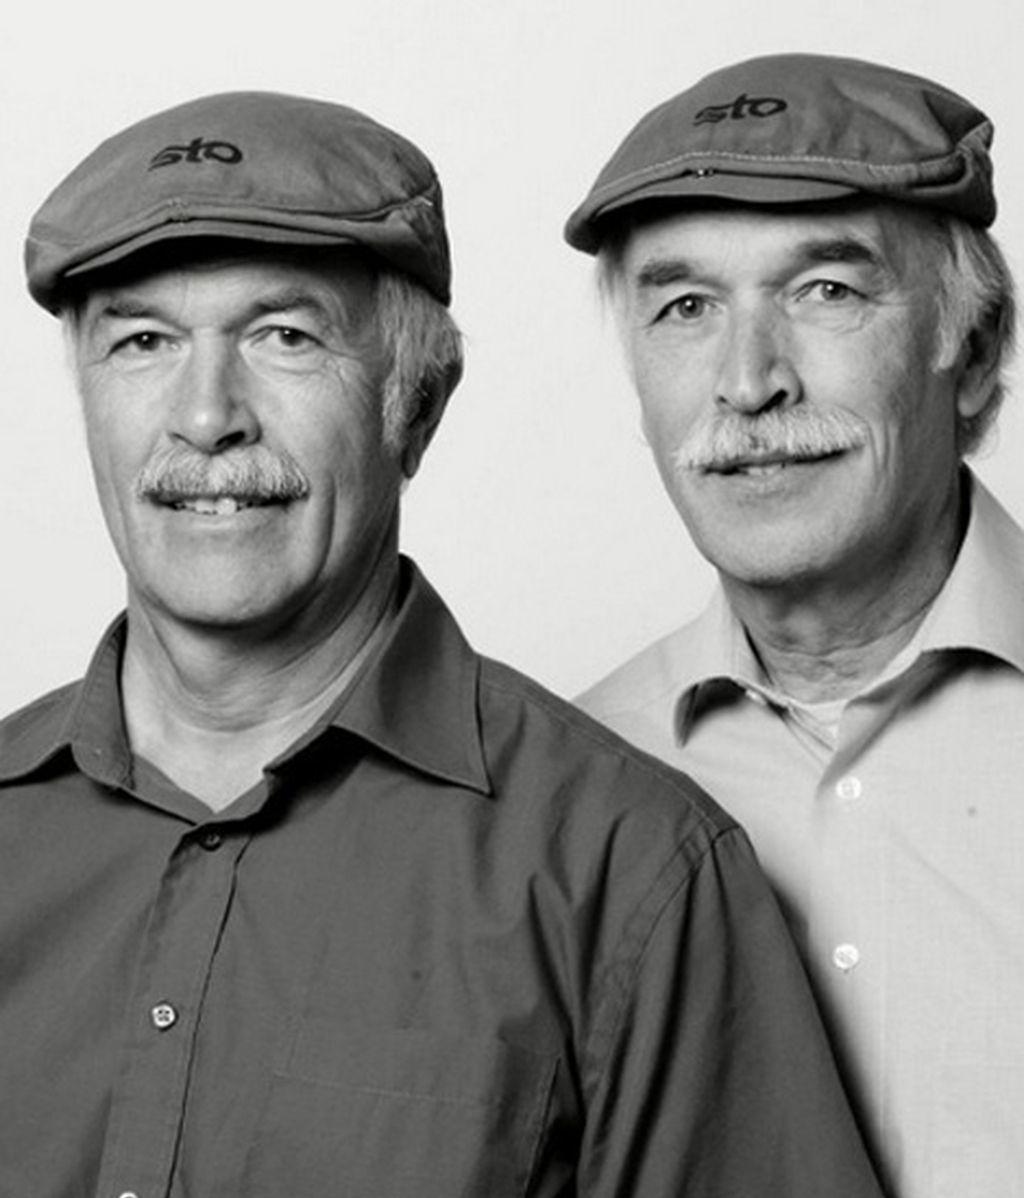 Personas casi idénticas que no se conocen